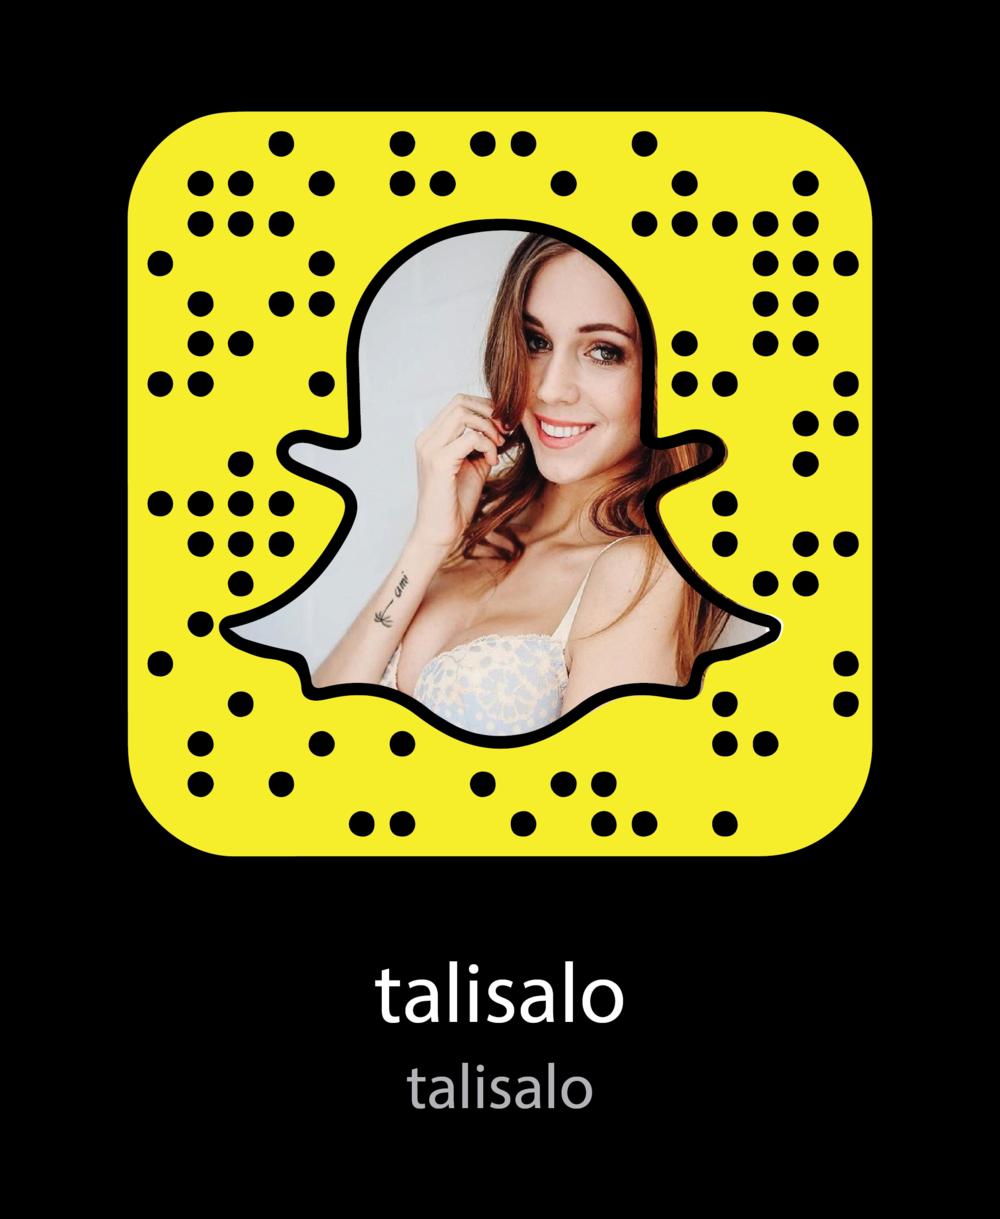 talisalo-Sexy-snapchat-snapcode.png